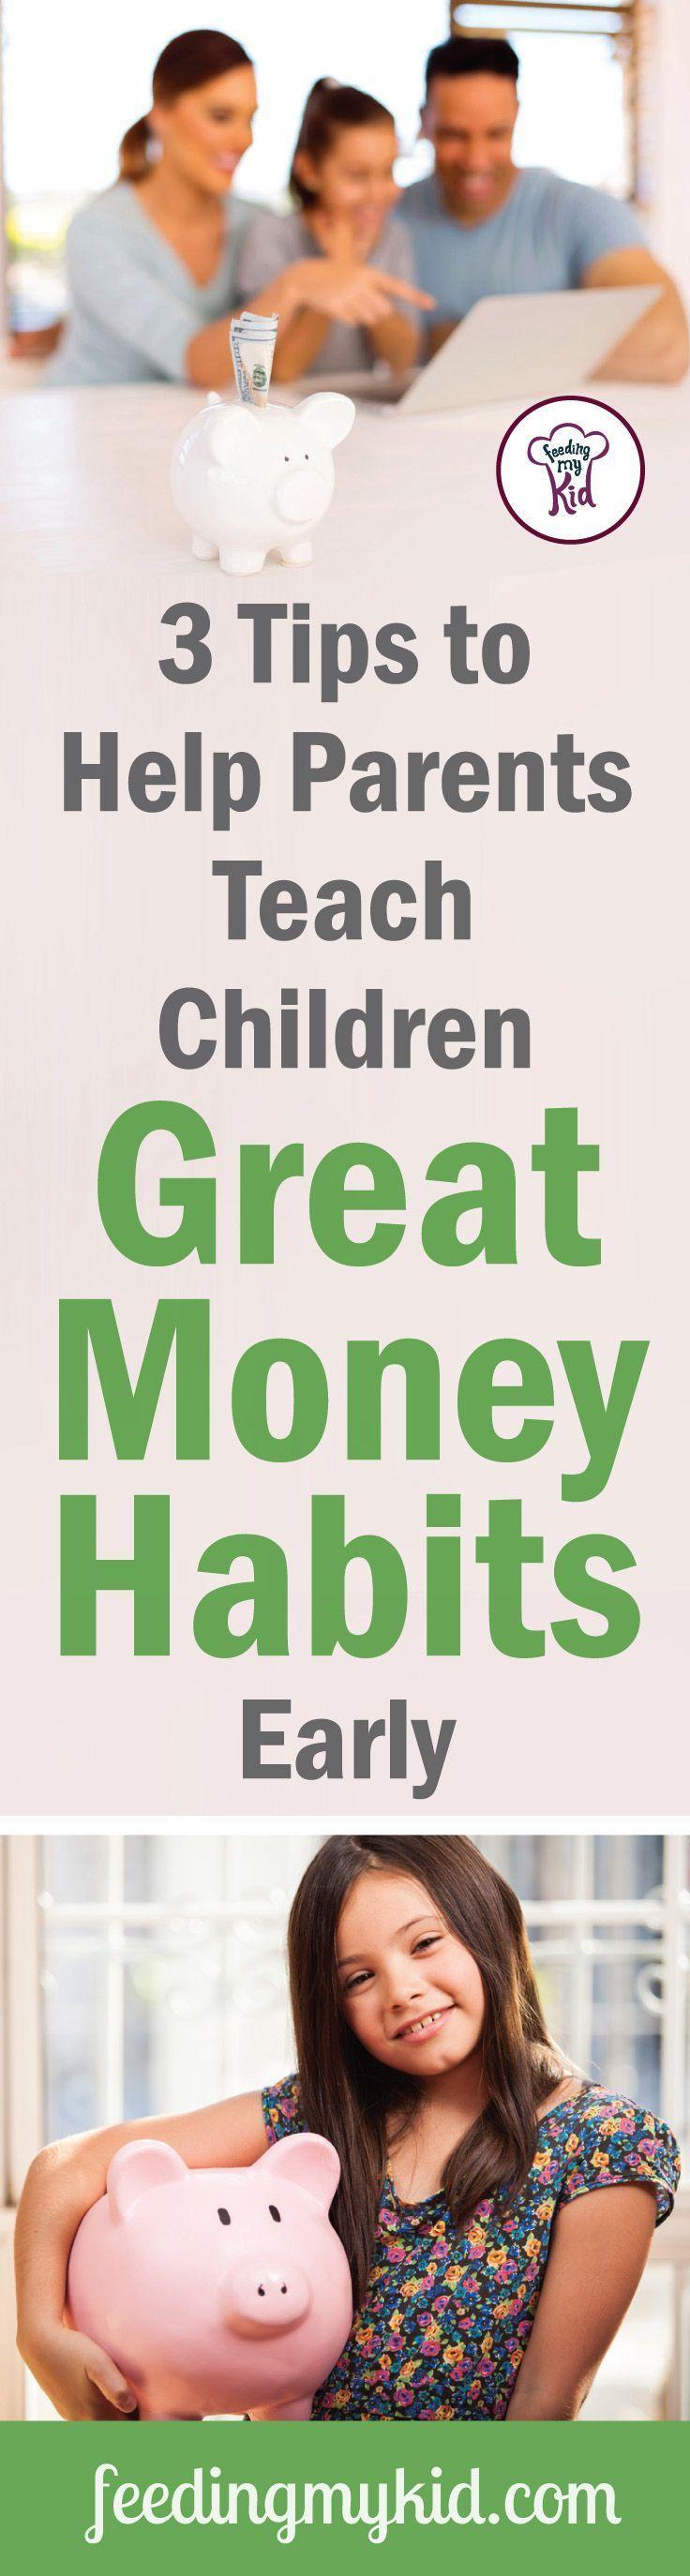 3 Tipps wie Eltern Kindern frühzeitig gute